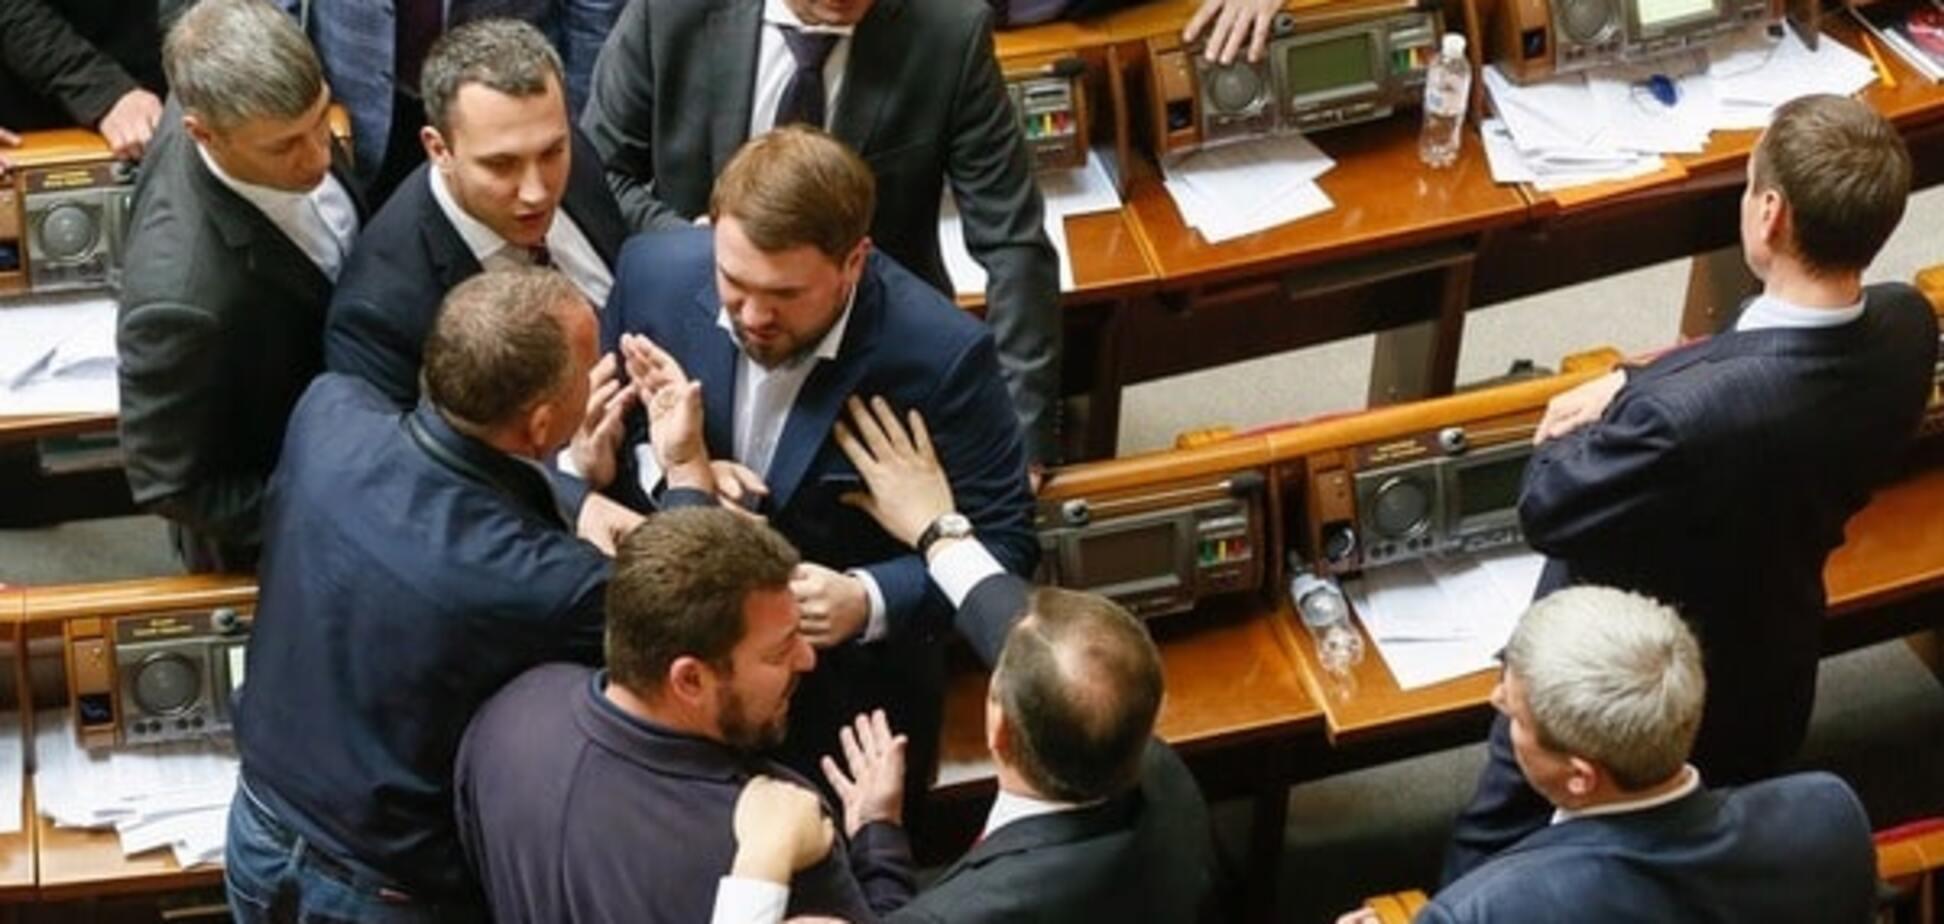 Тривожний дзвіночок: Рада прийняла важливі законопроекти, але не силами коаліції